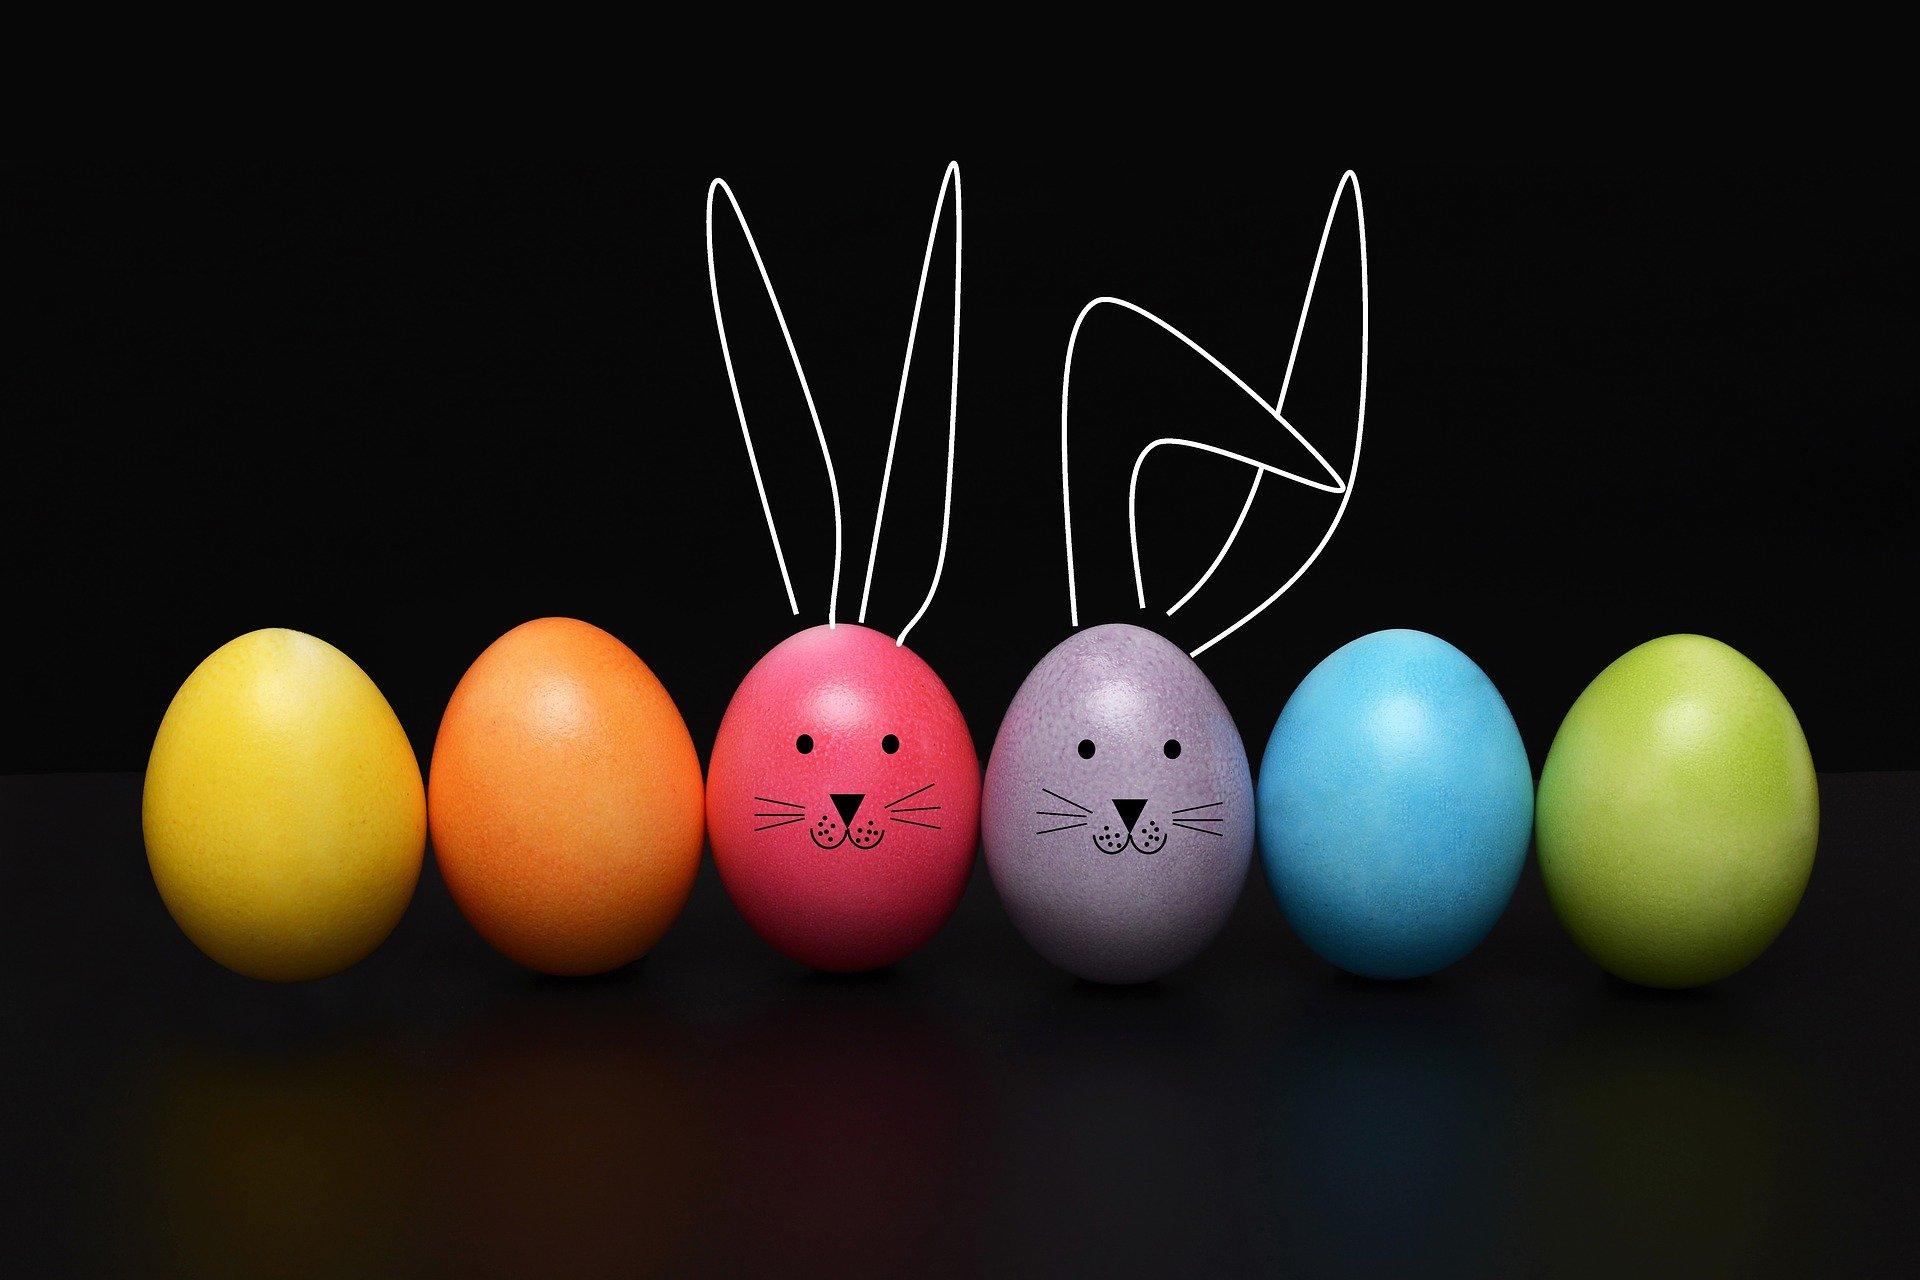 Vorbestellung zu Ostern